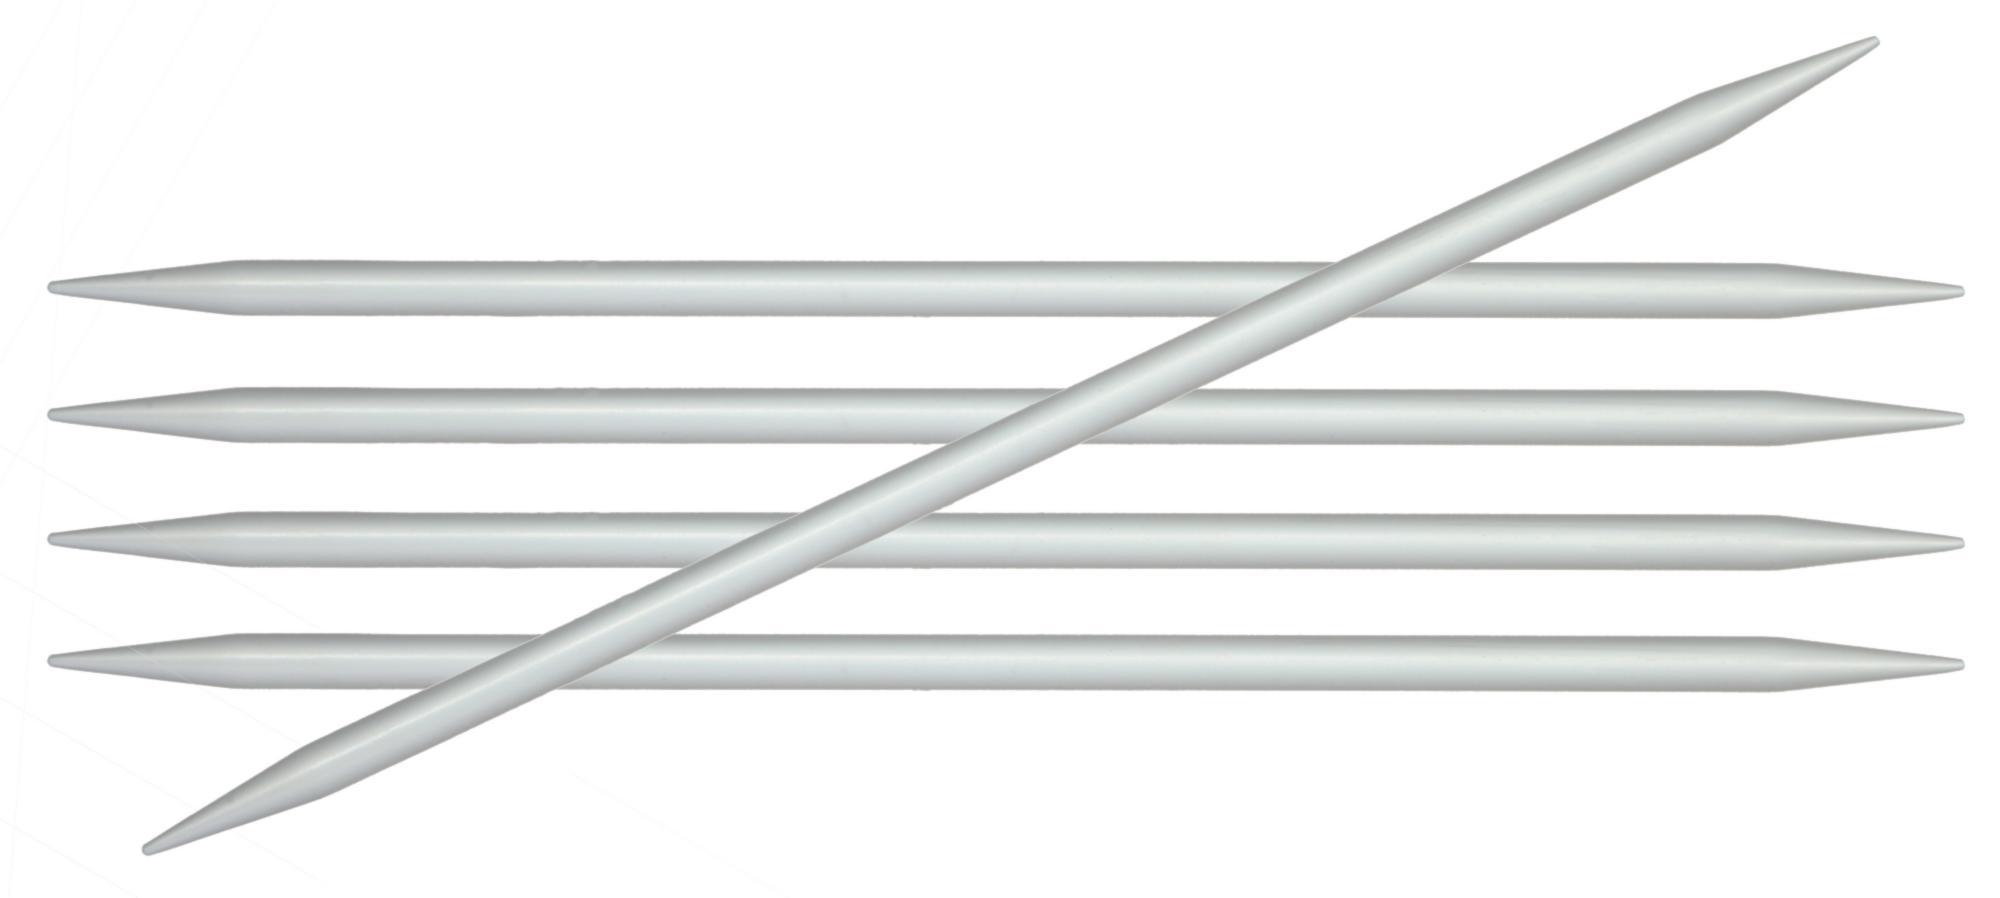 Спицы носочные 15 см Basix Aluminium KnitPro, 45103, 3.00 мм